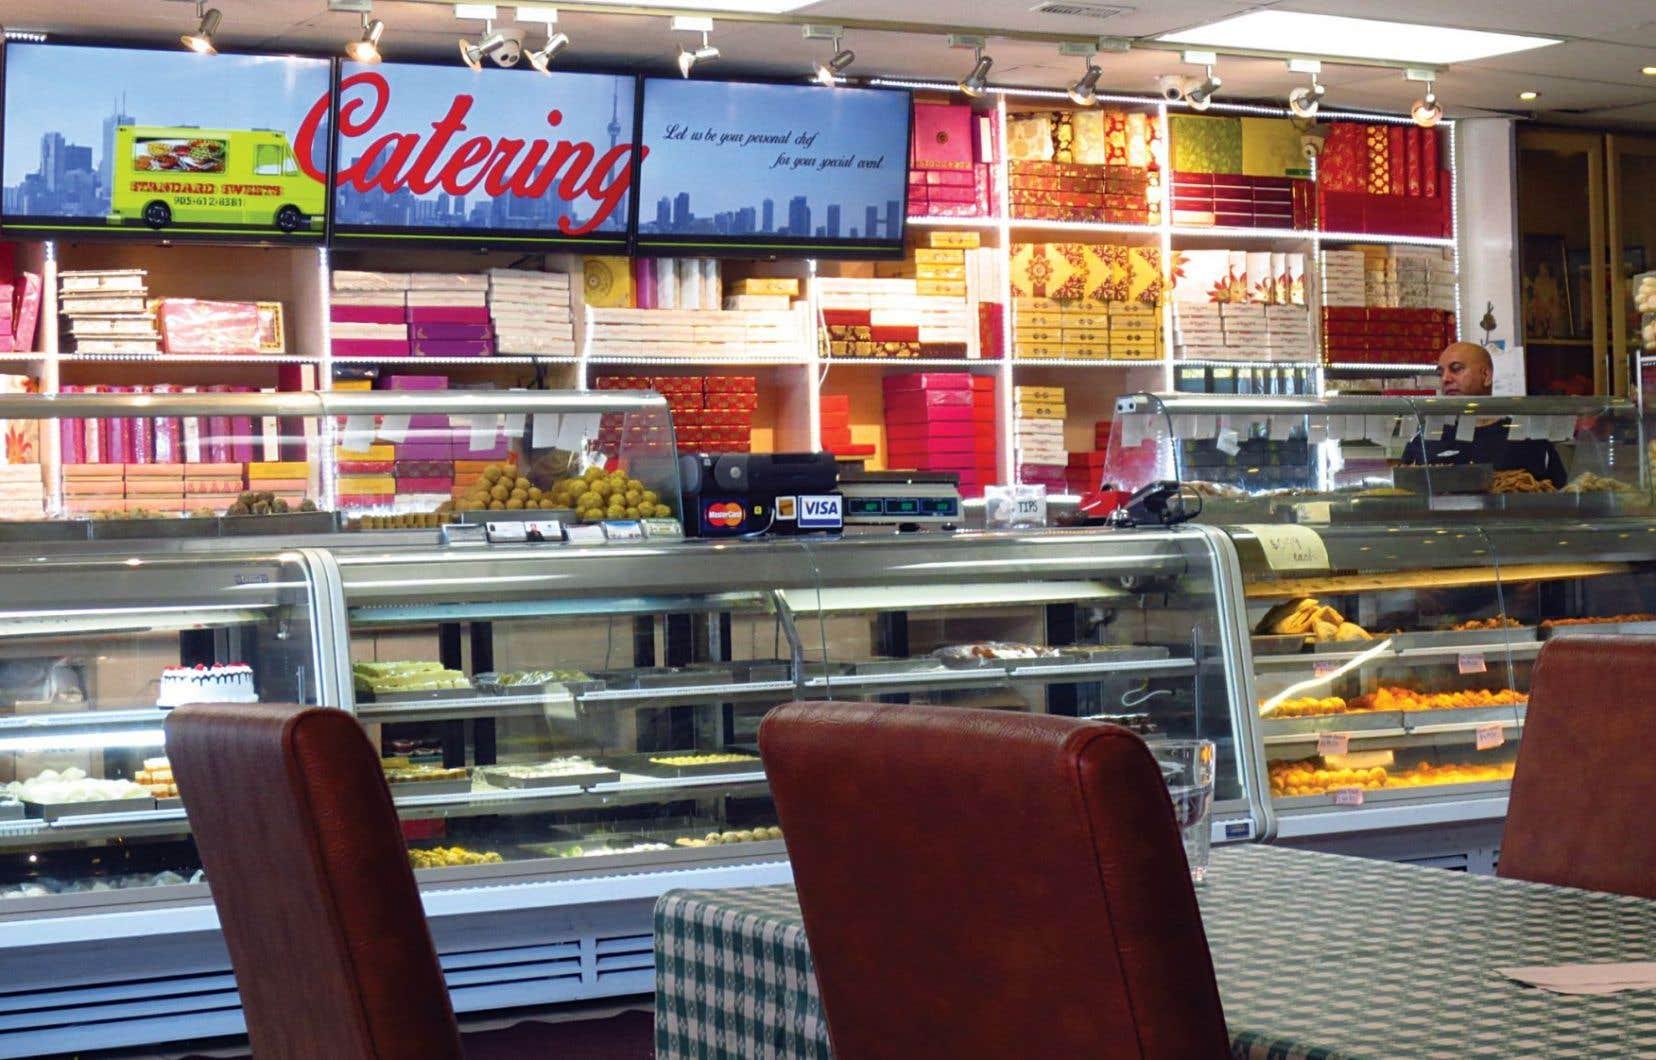 À la Singh Plaza, le restaurant indien Standard Sweets Snacks est une attraction par ses couleurs et son comptoir de friandises.